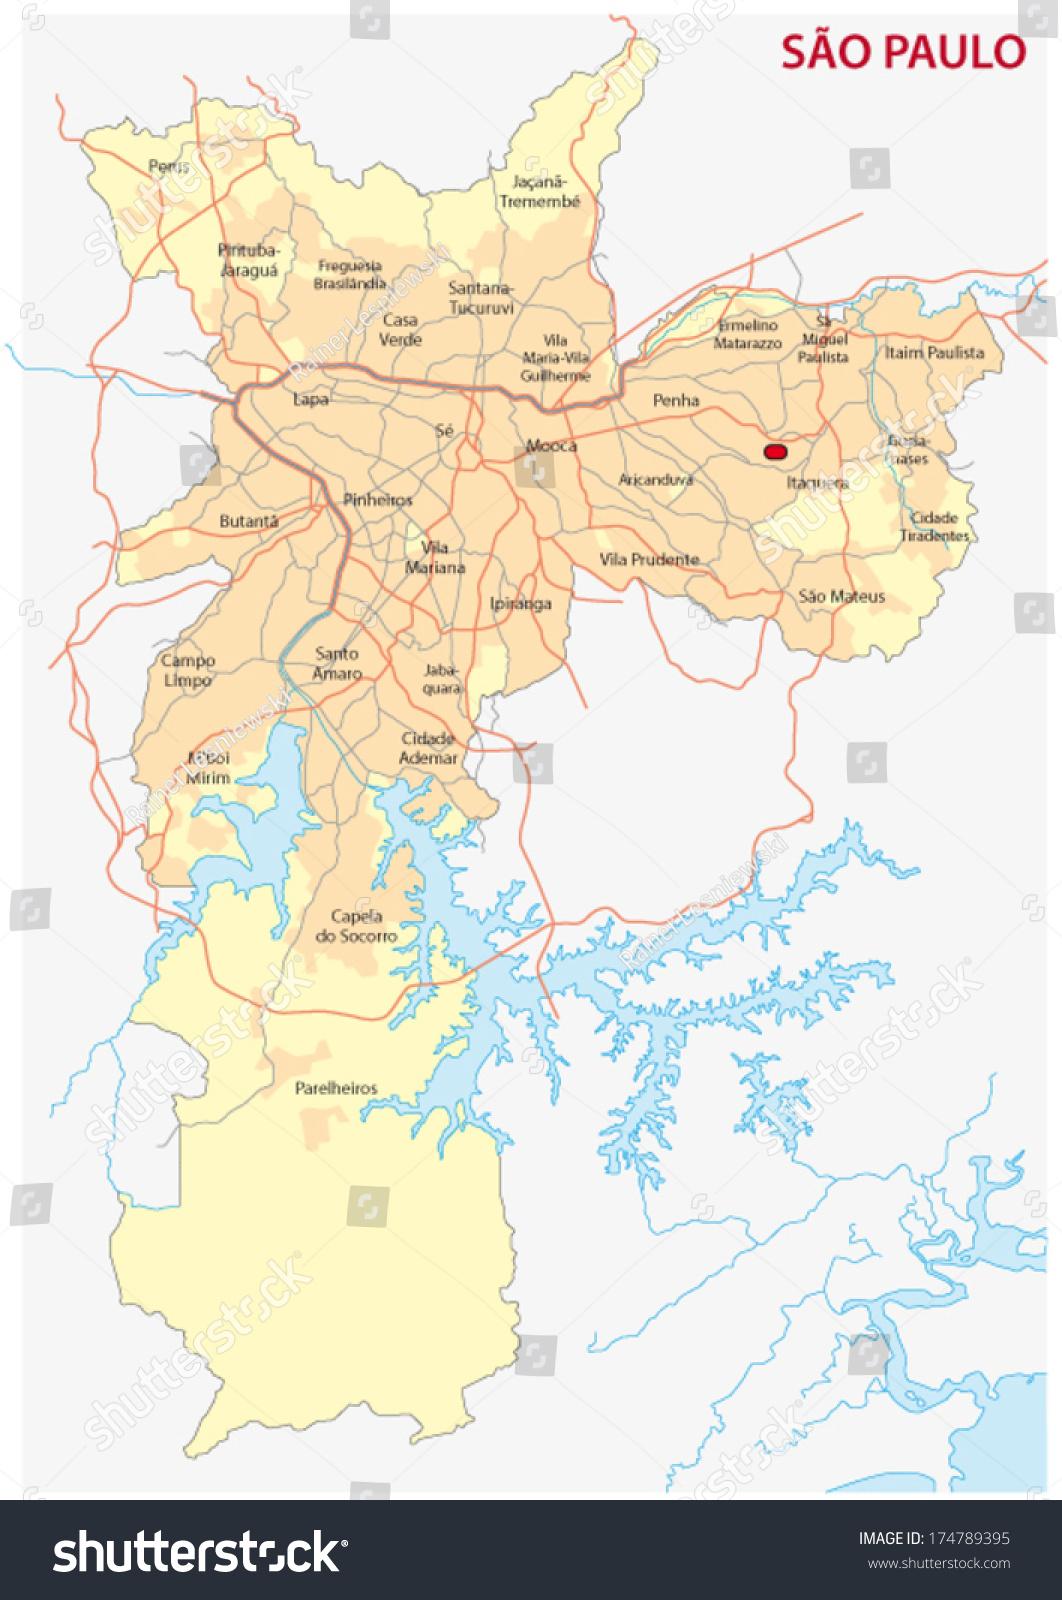 Sao Paulo Map Stock Vector Royalty Free 174789395